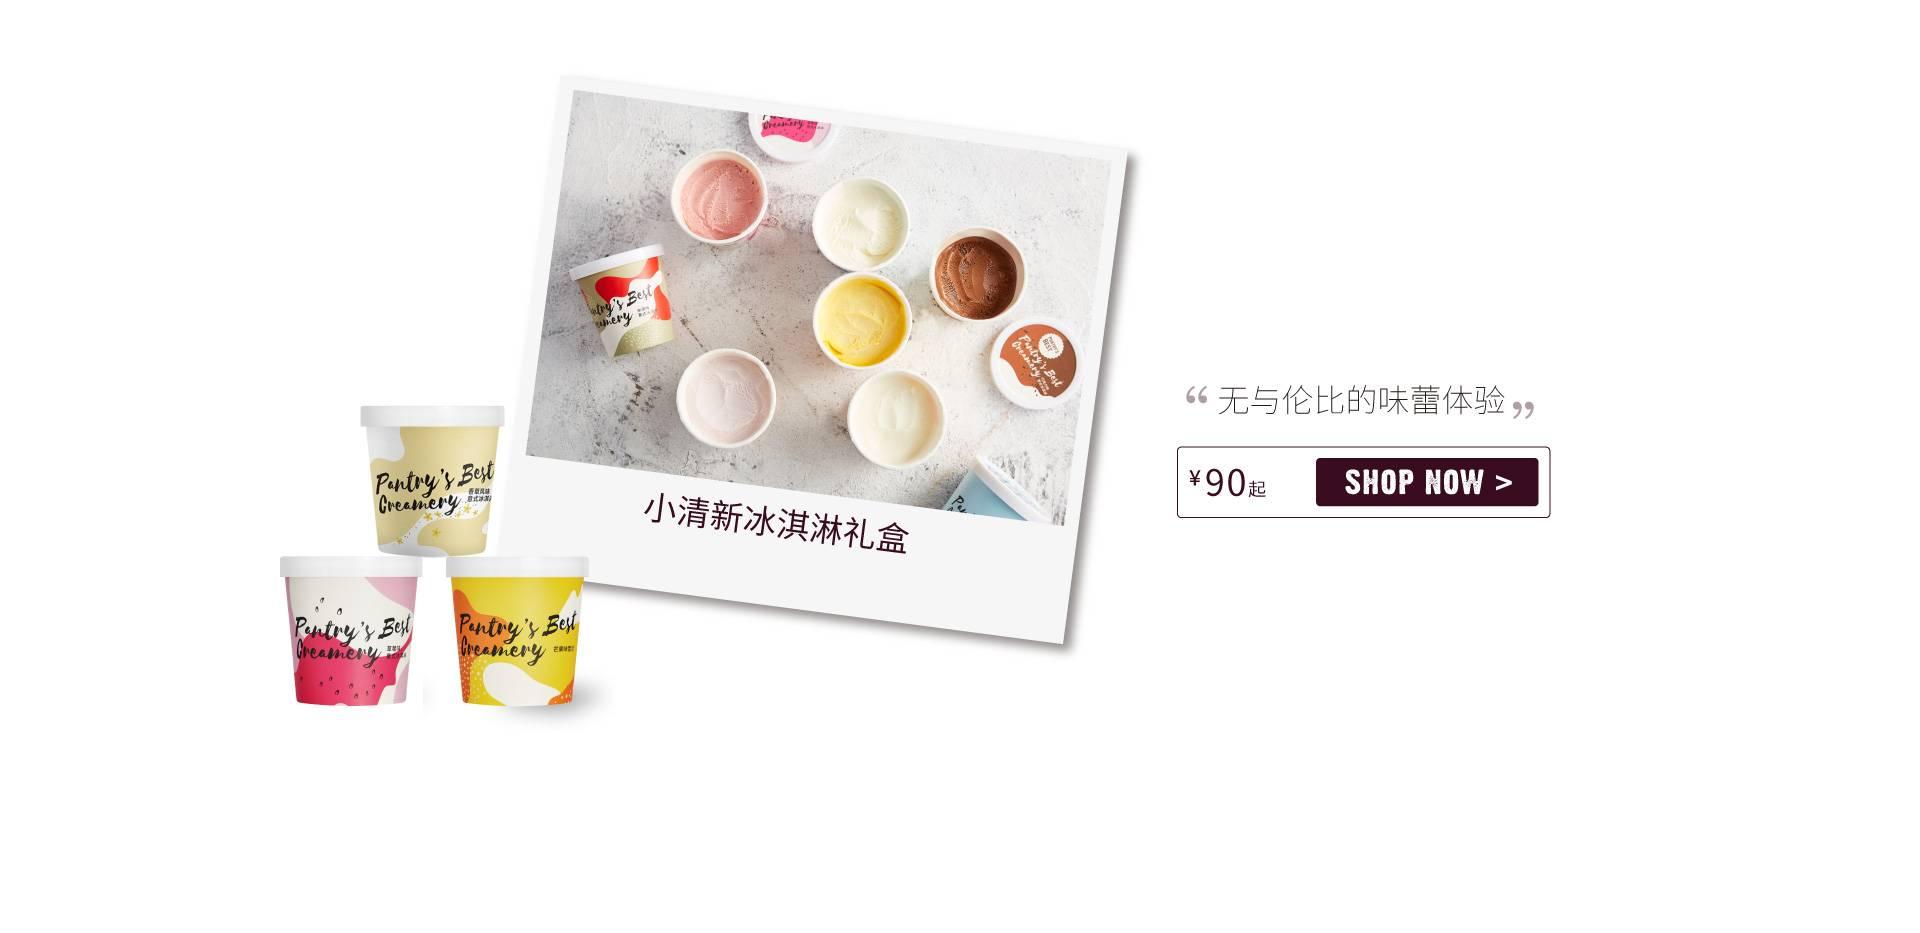 小清新冰淇淋礼盒